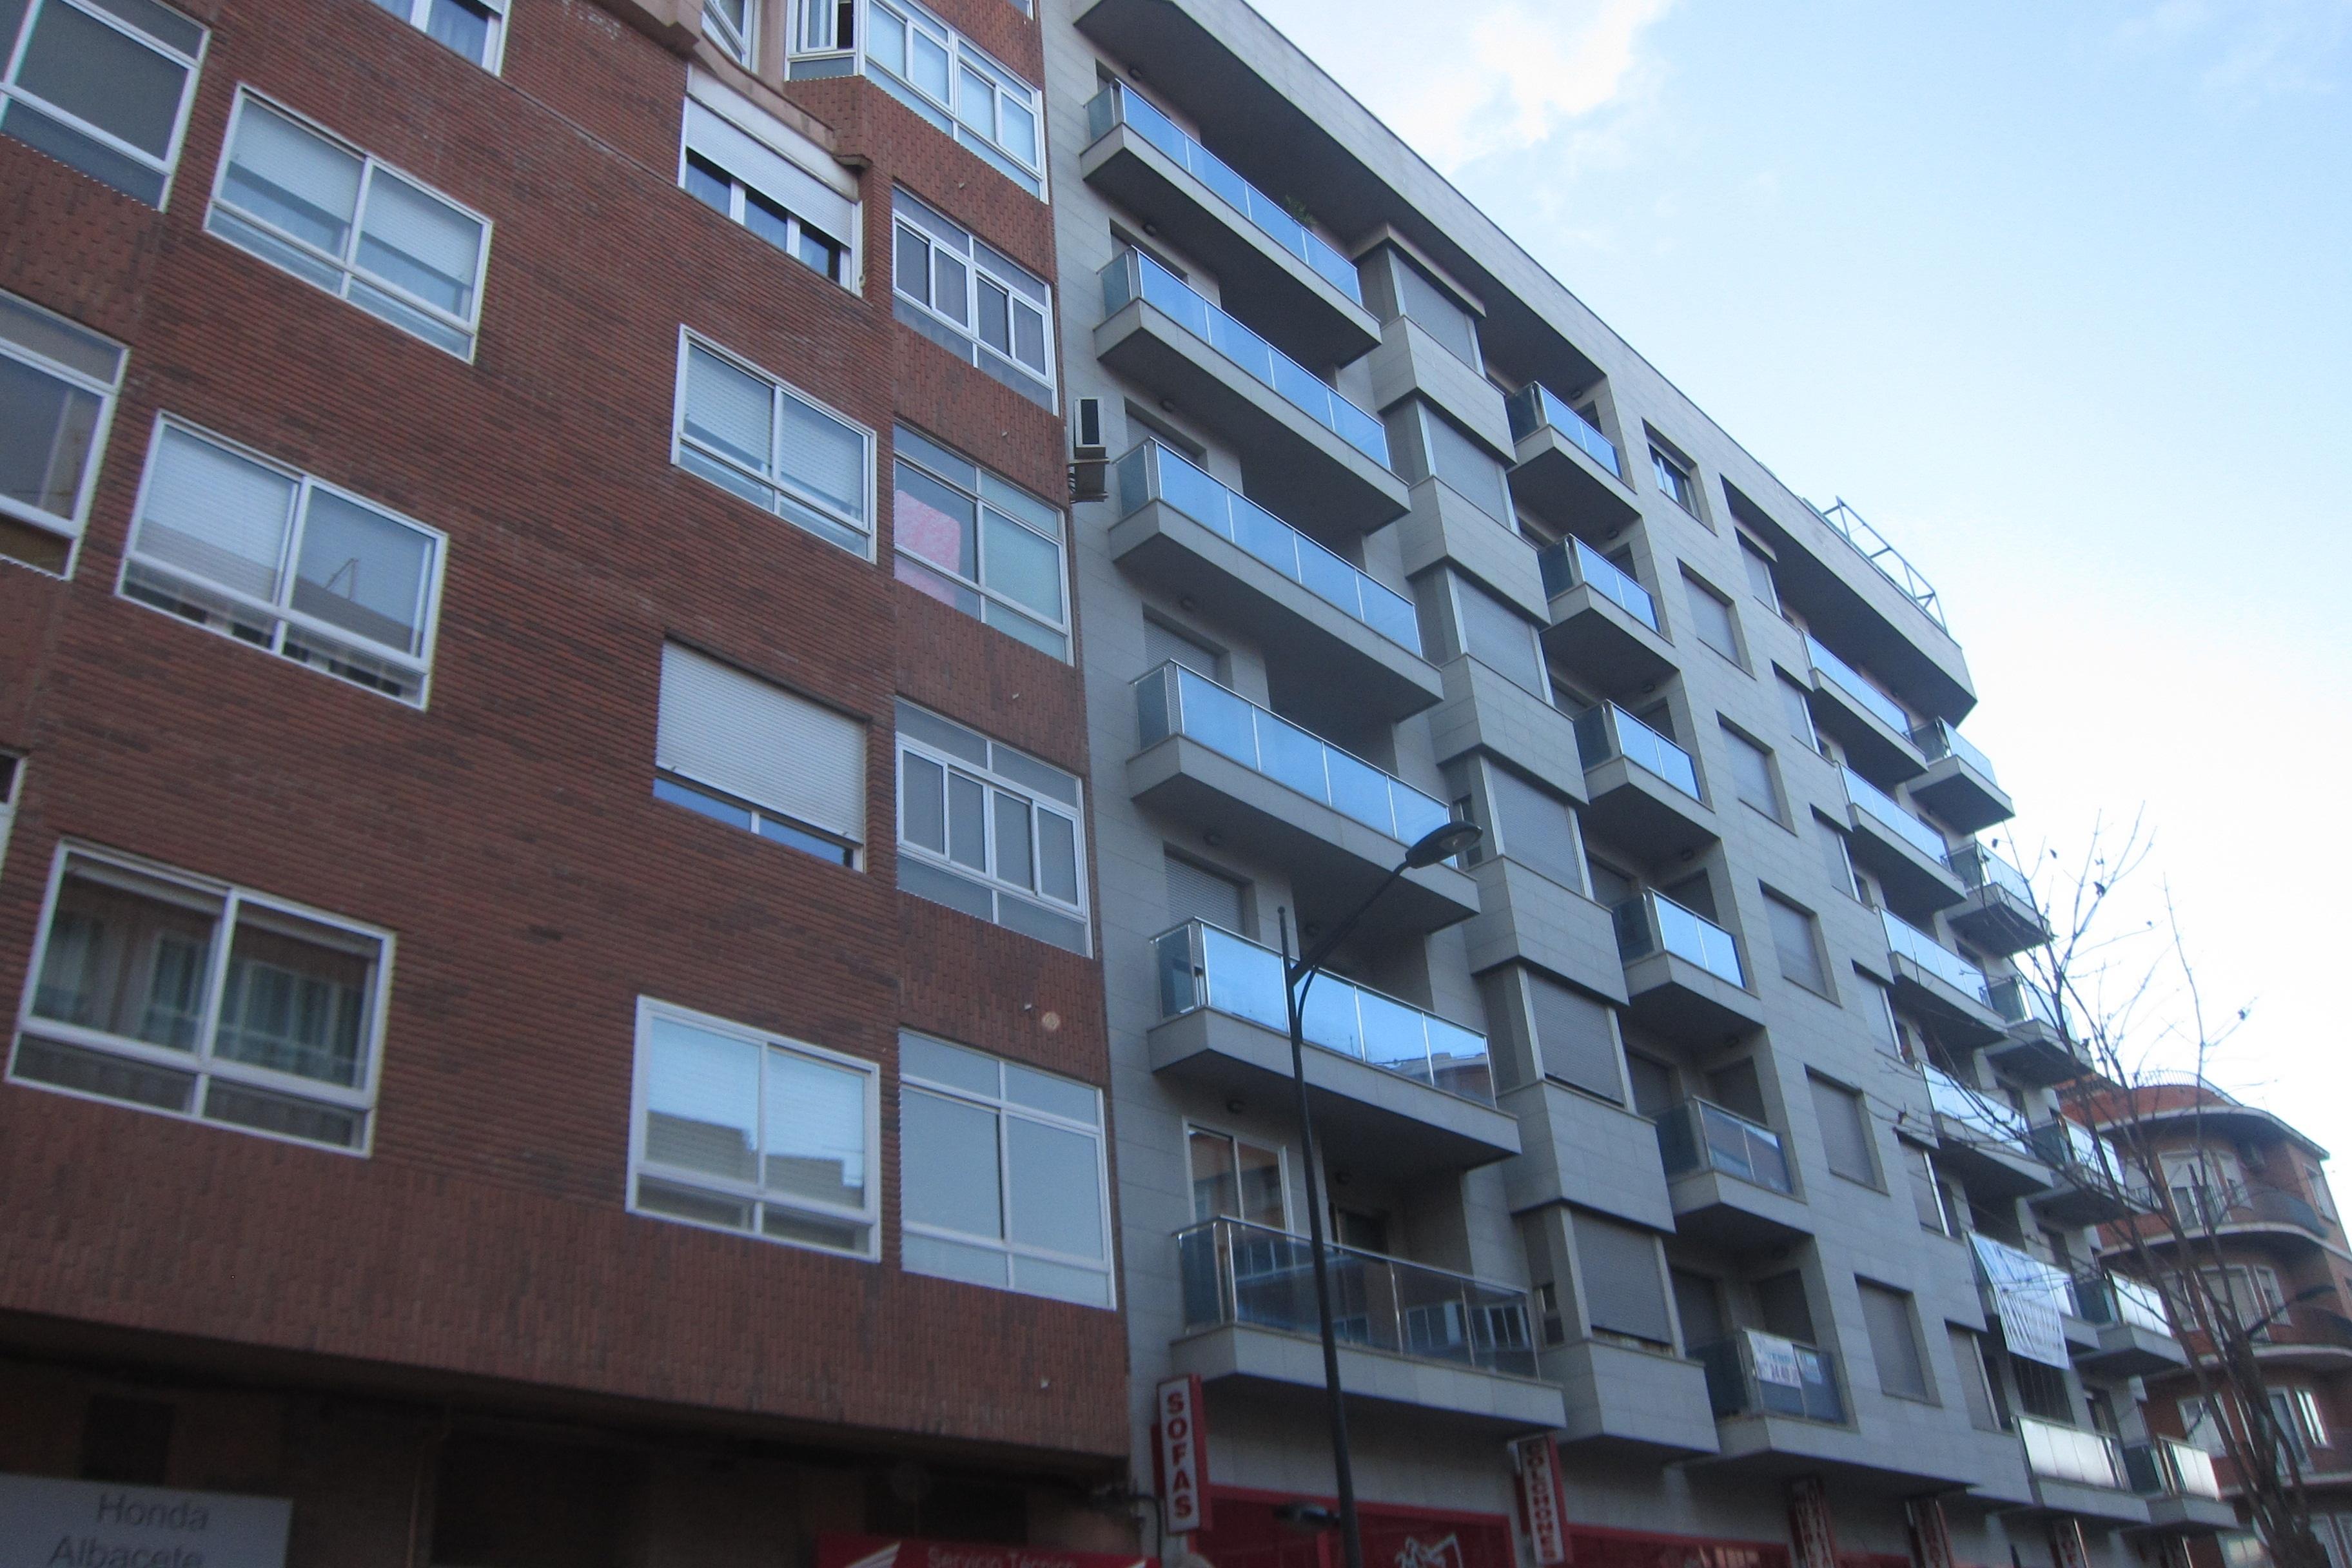 Los alquileres de pisos descienden un 0,5% en Castilla-La Mancha en mayo, según el INE